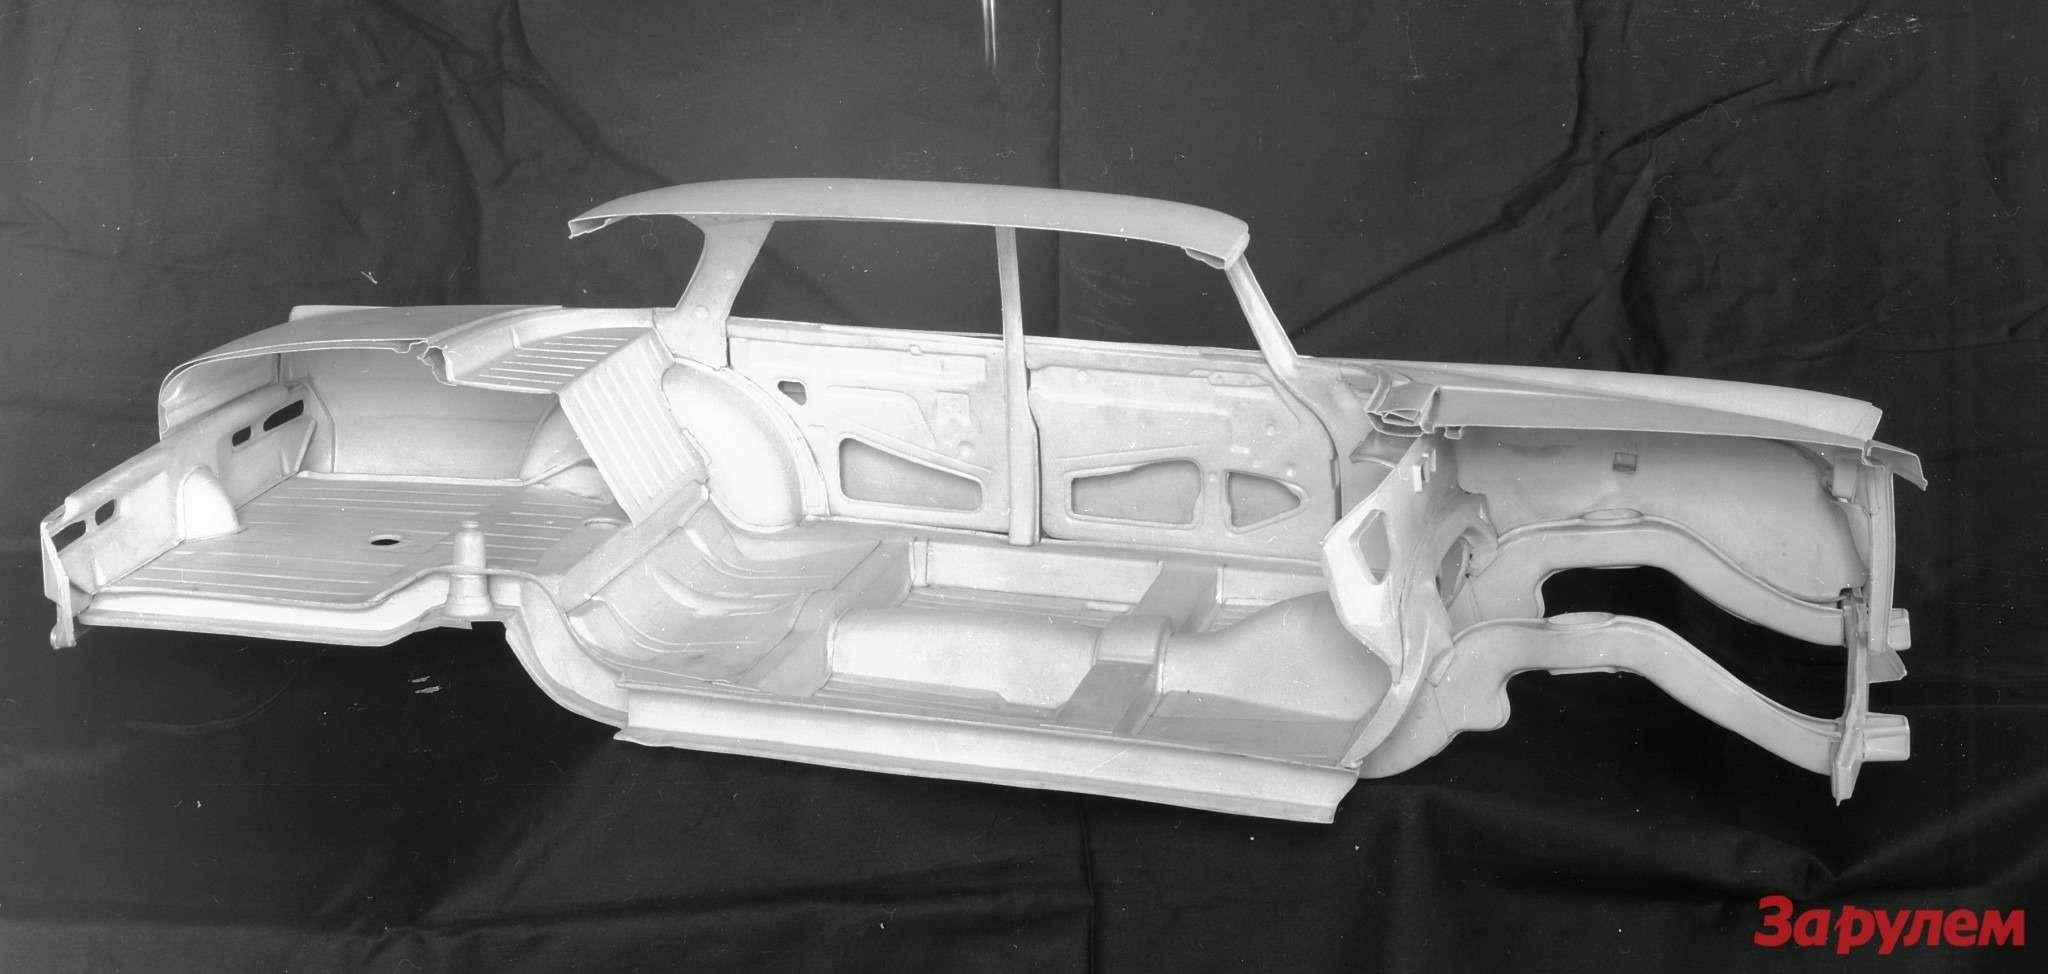 Лонжероны кузова W111 получили сильно изогнутую форму длялучшего поглощения энергии удара